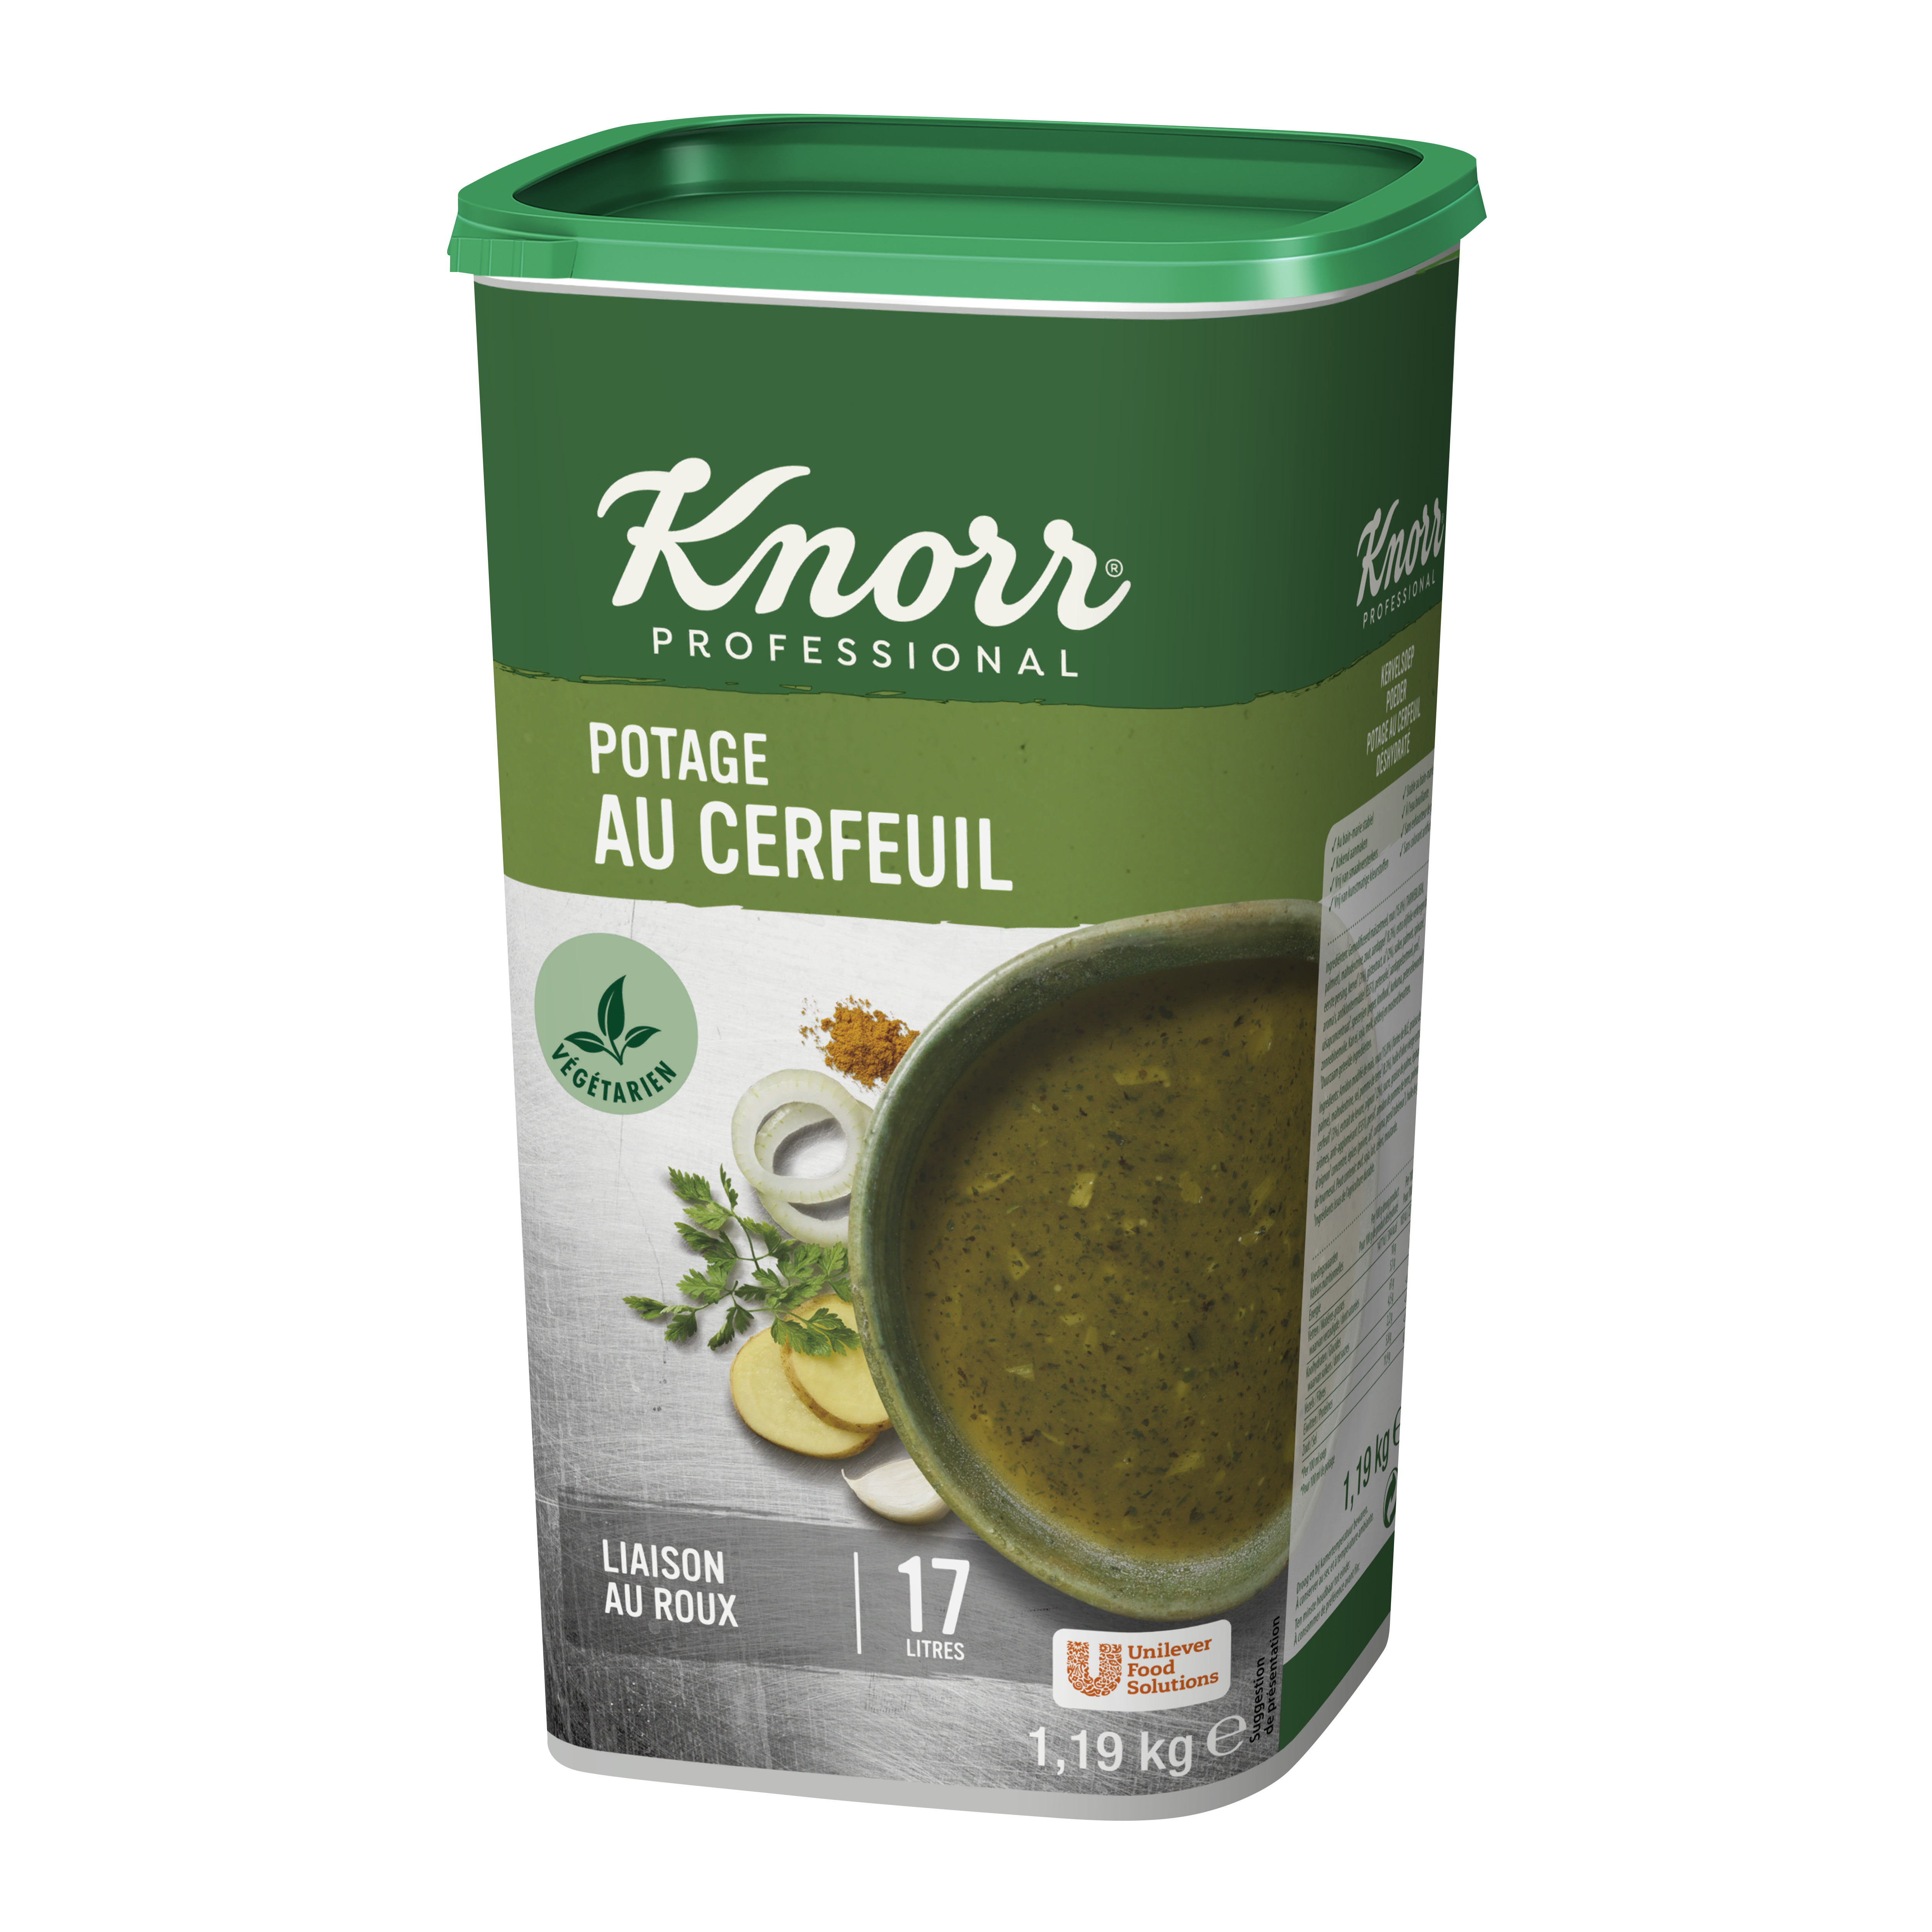 Knorr potage au cerfeuil 1.19kg Professional